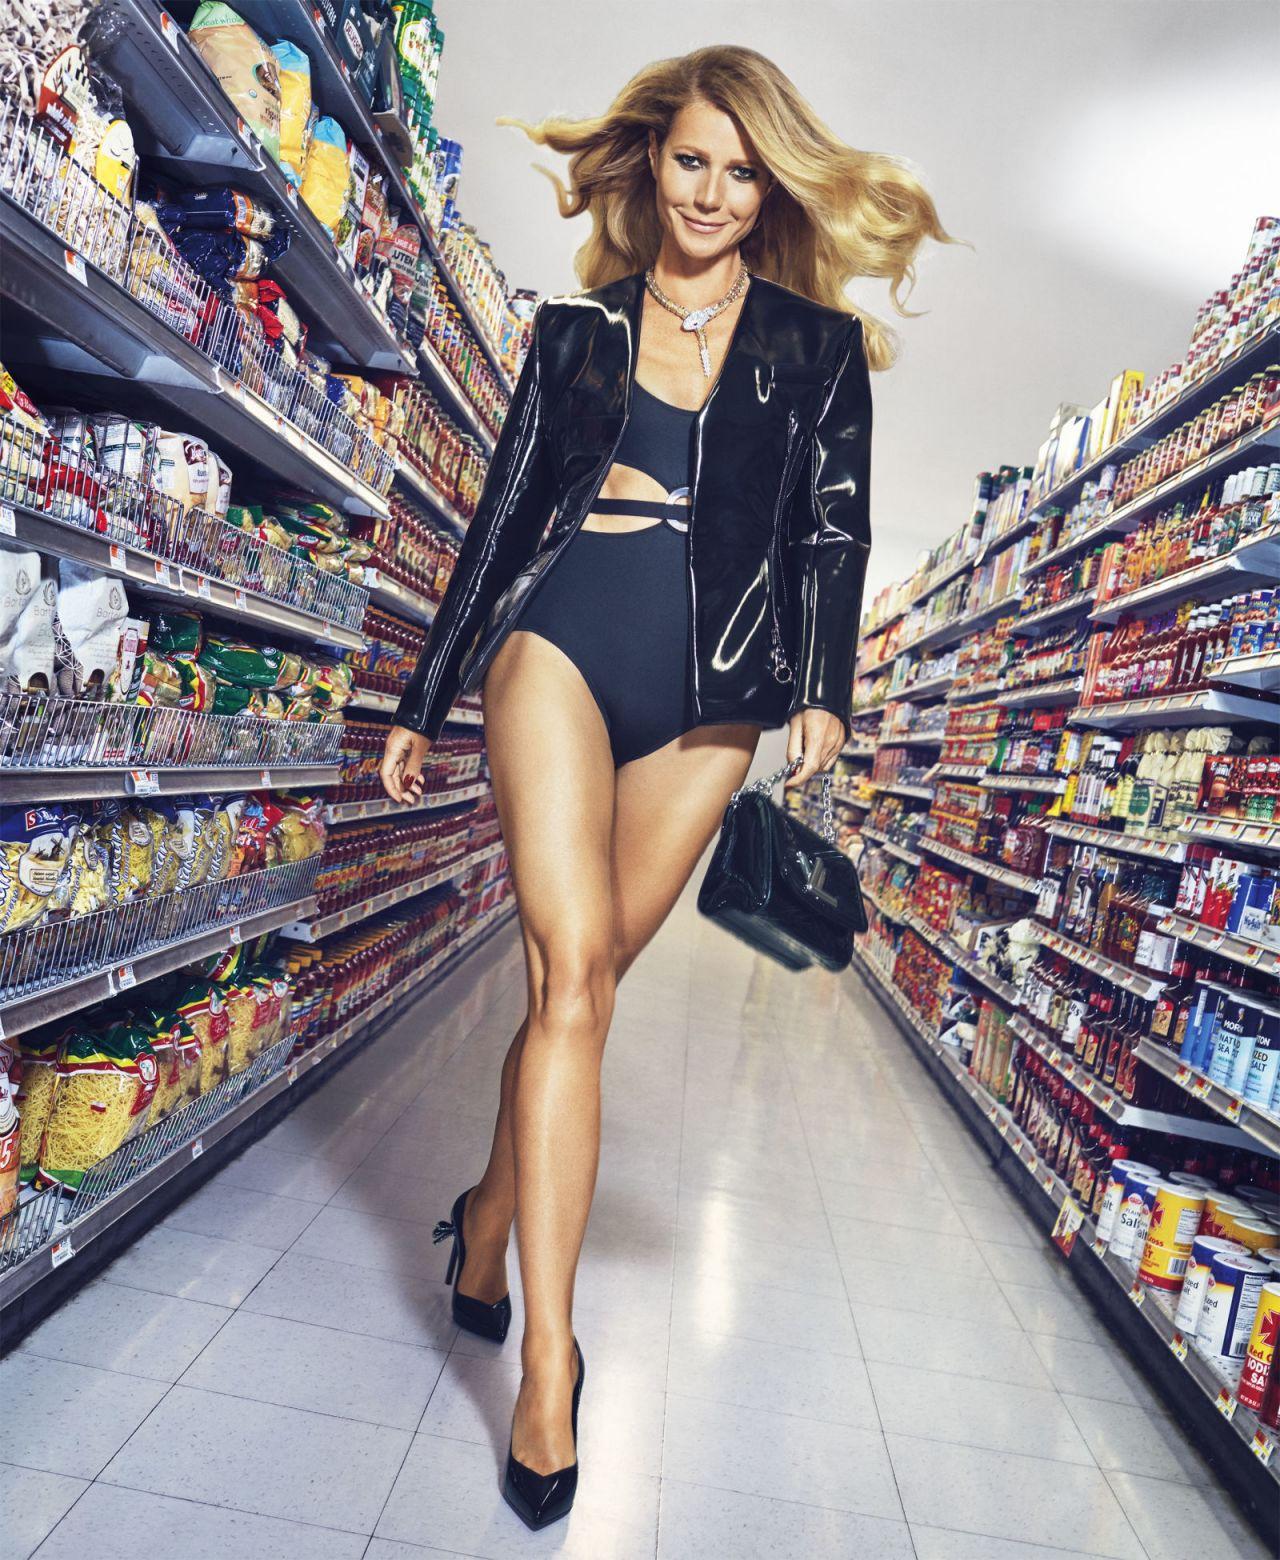 Sexy Gwyneth Paltrow Harper's Bazaar Nov 2016 Photoshoot